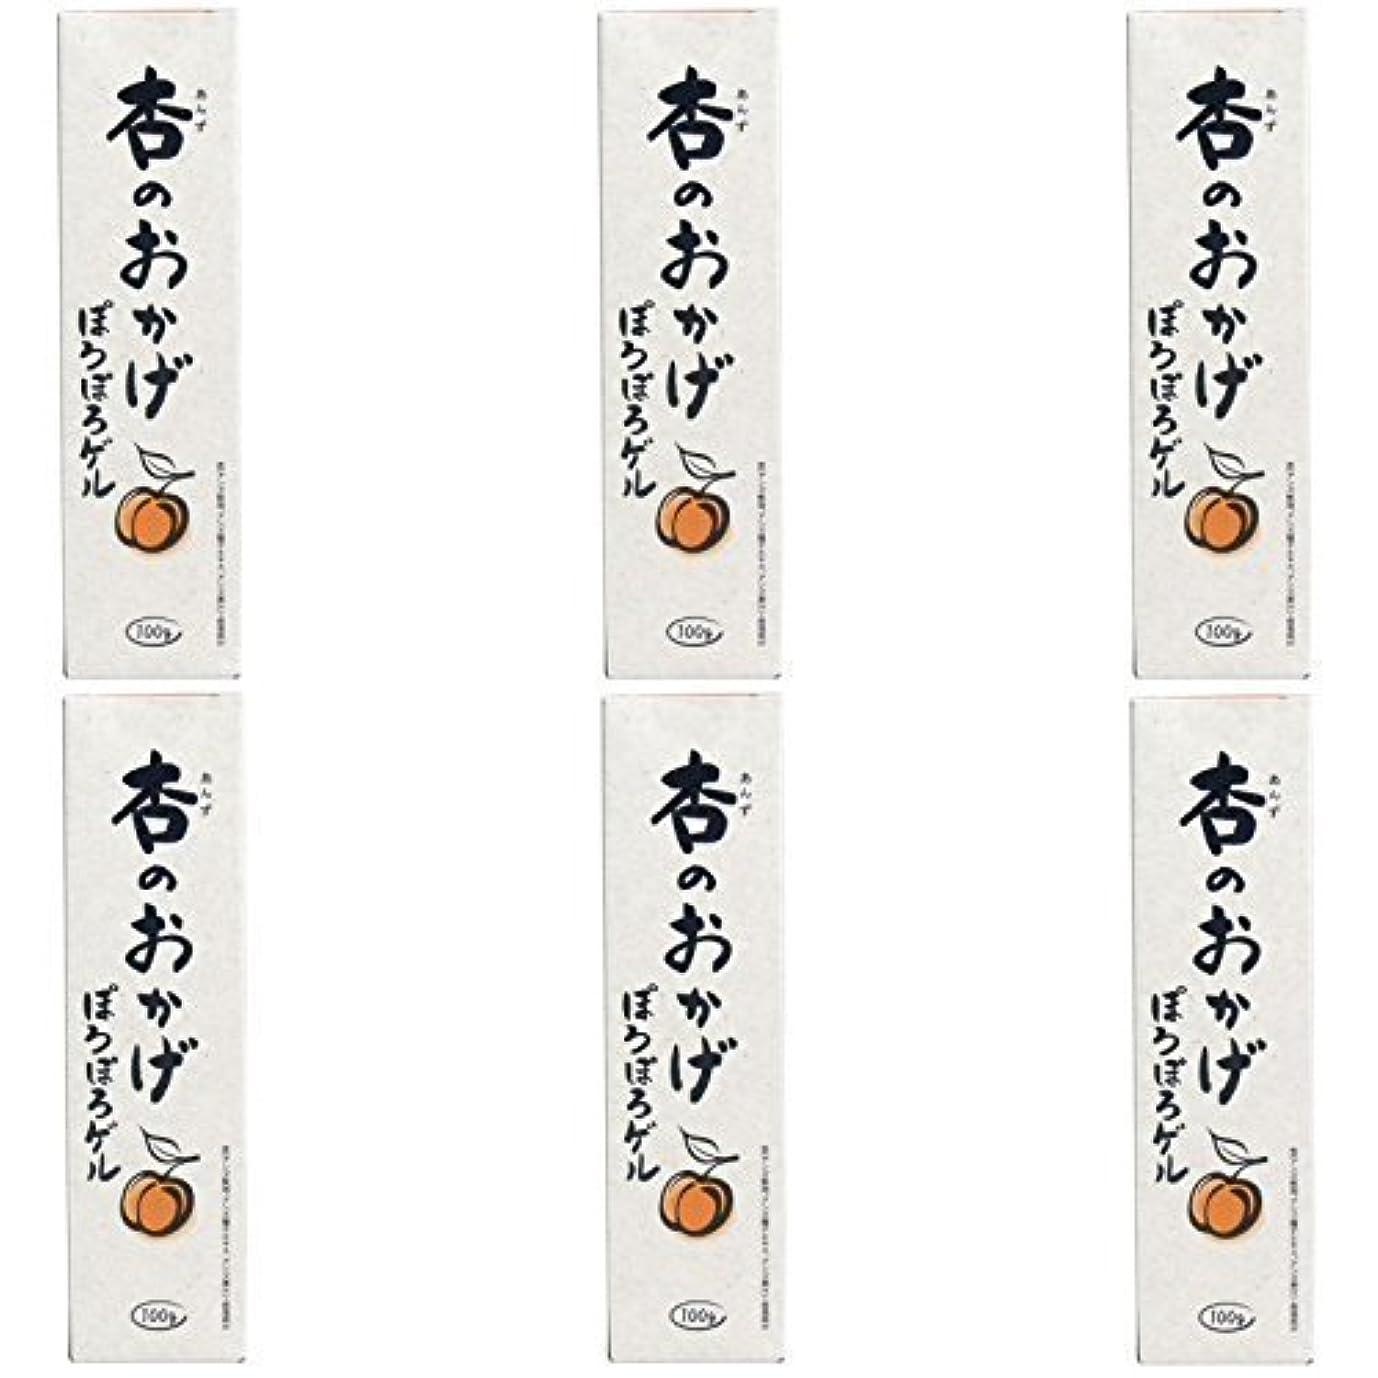 めんどりアレルギー性干渉する【まとめ買い】杏のおかげ ぽろぽろゲル 100g【×6個】